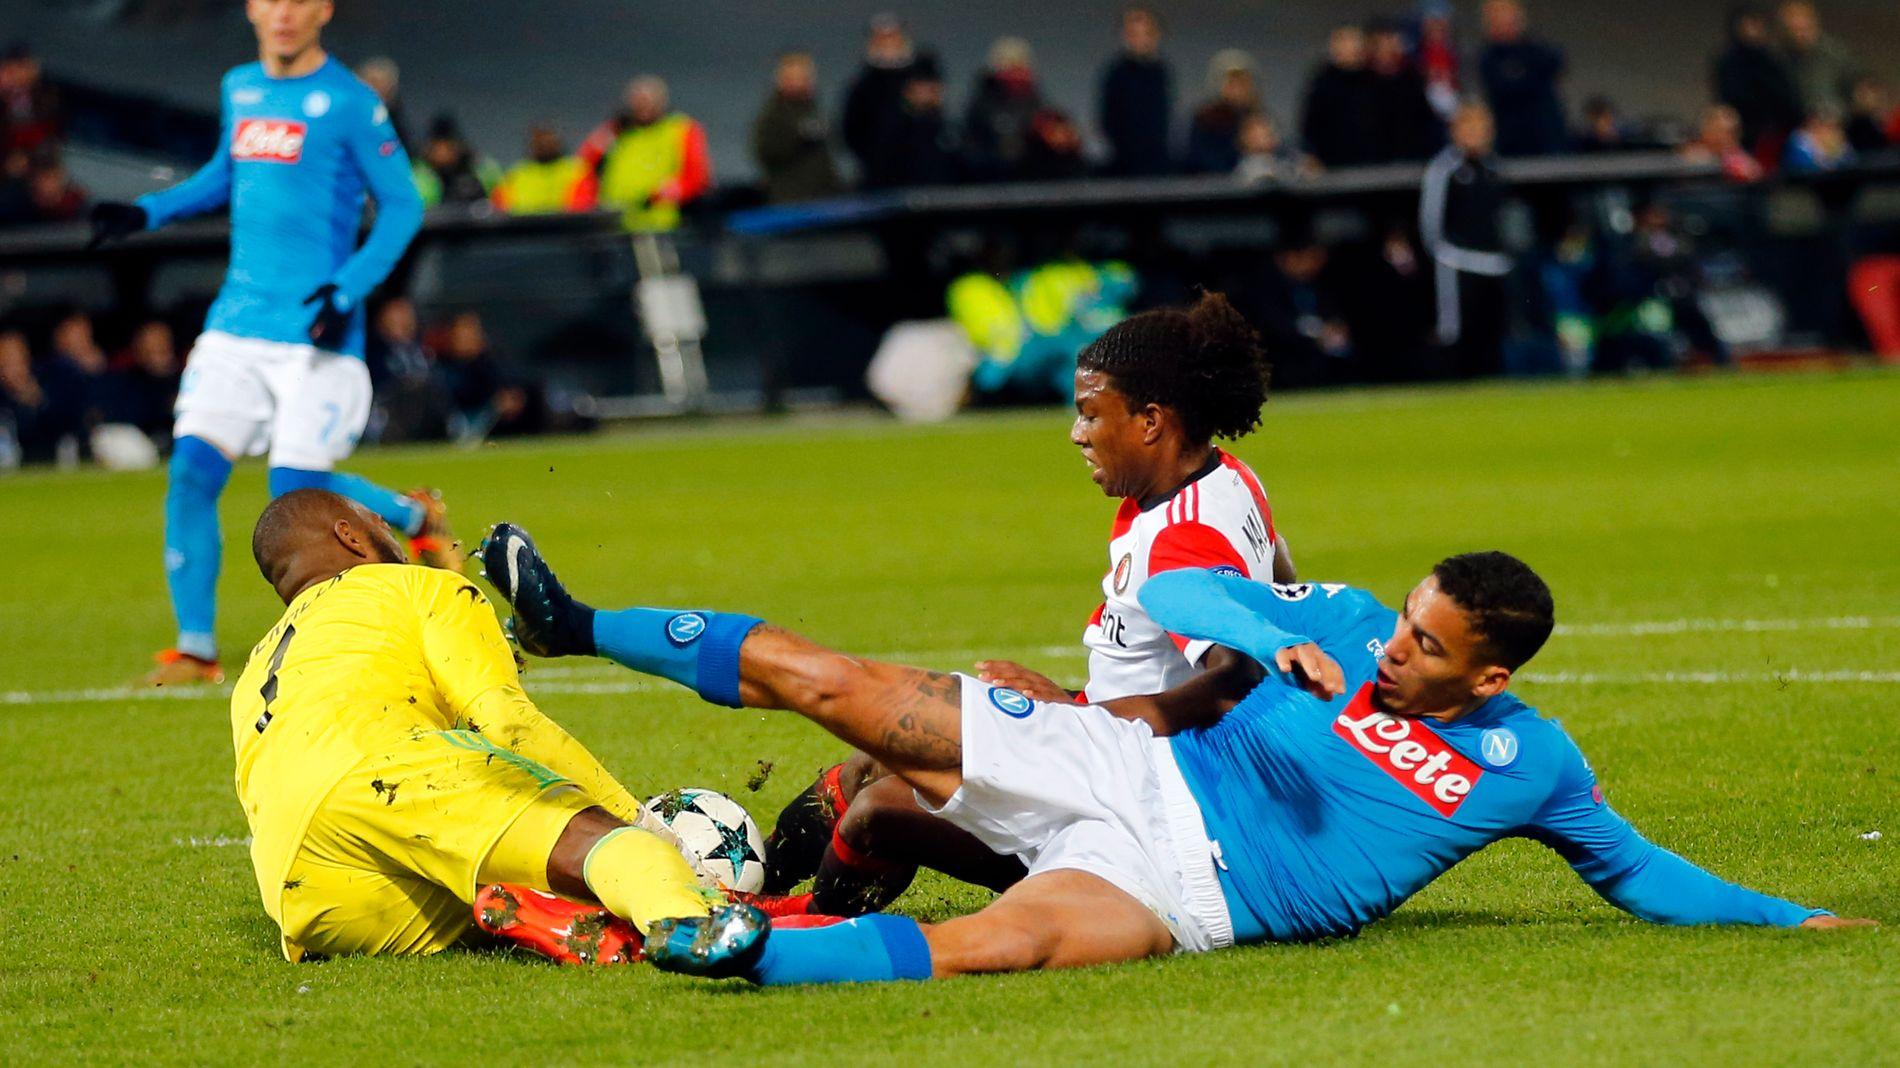 UTE AV CHAMPIONS LEAGUE: Feyenoord-keeper Kenneth Vermeer (t.v.) redder et forsøk fra Allan. Feyenoords Tyrell Malacia i bakgrunnen.